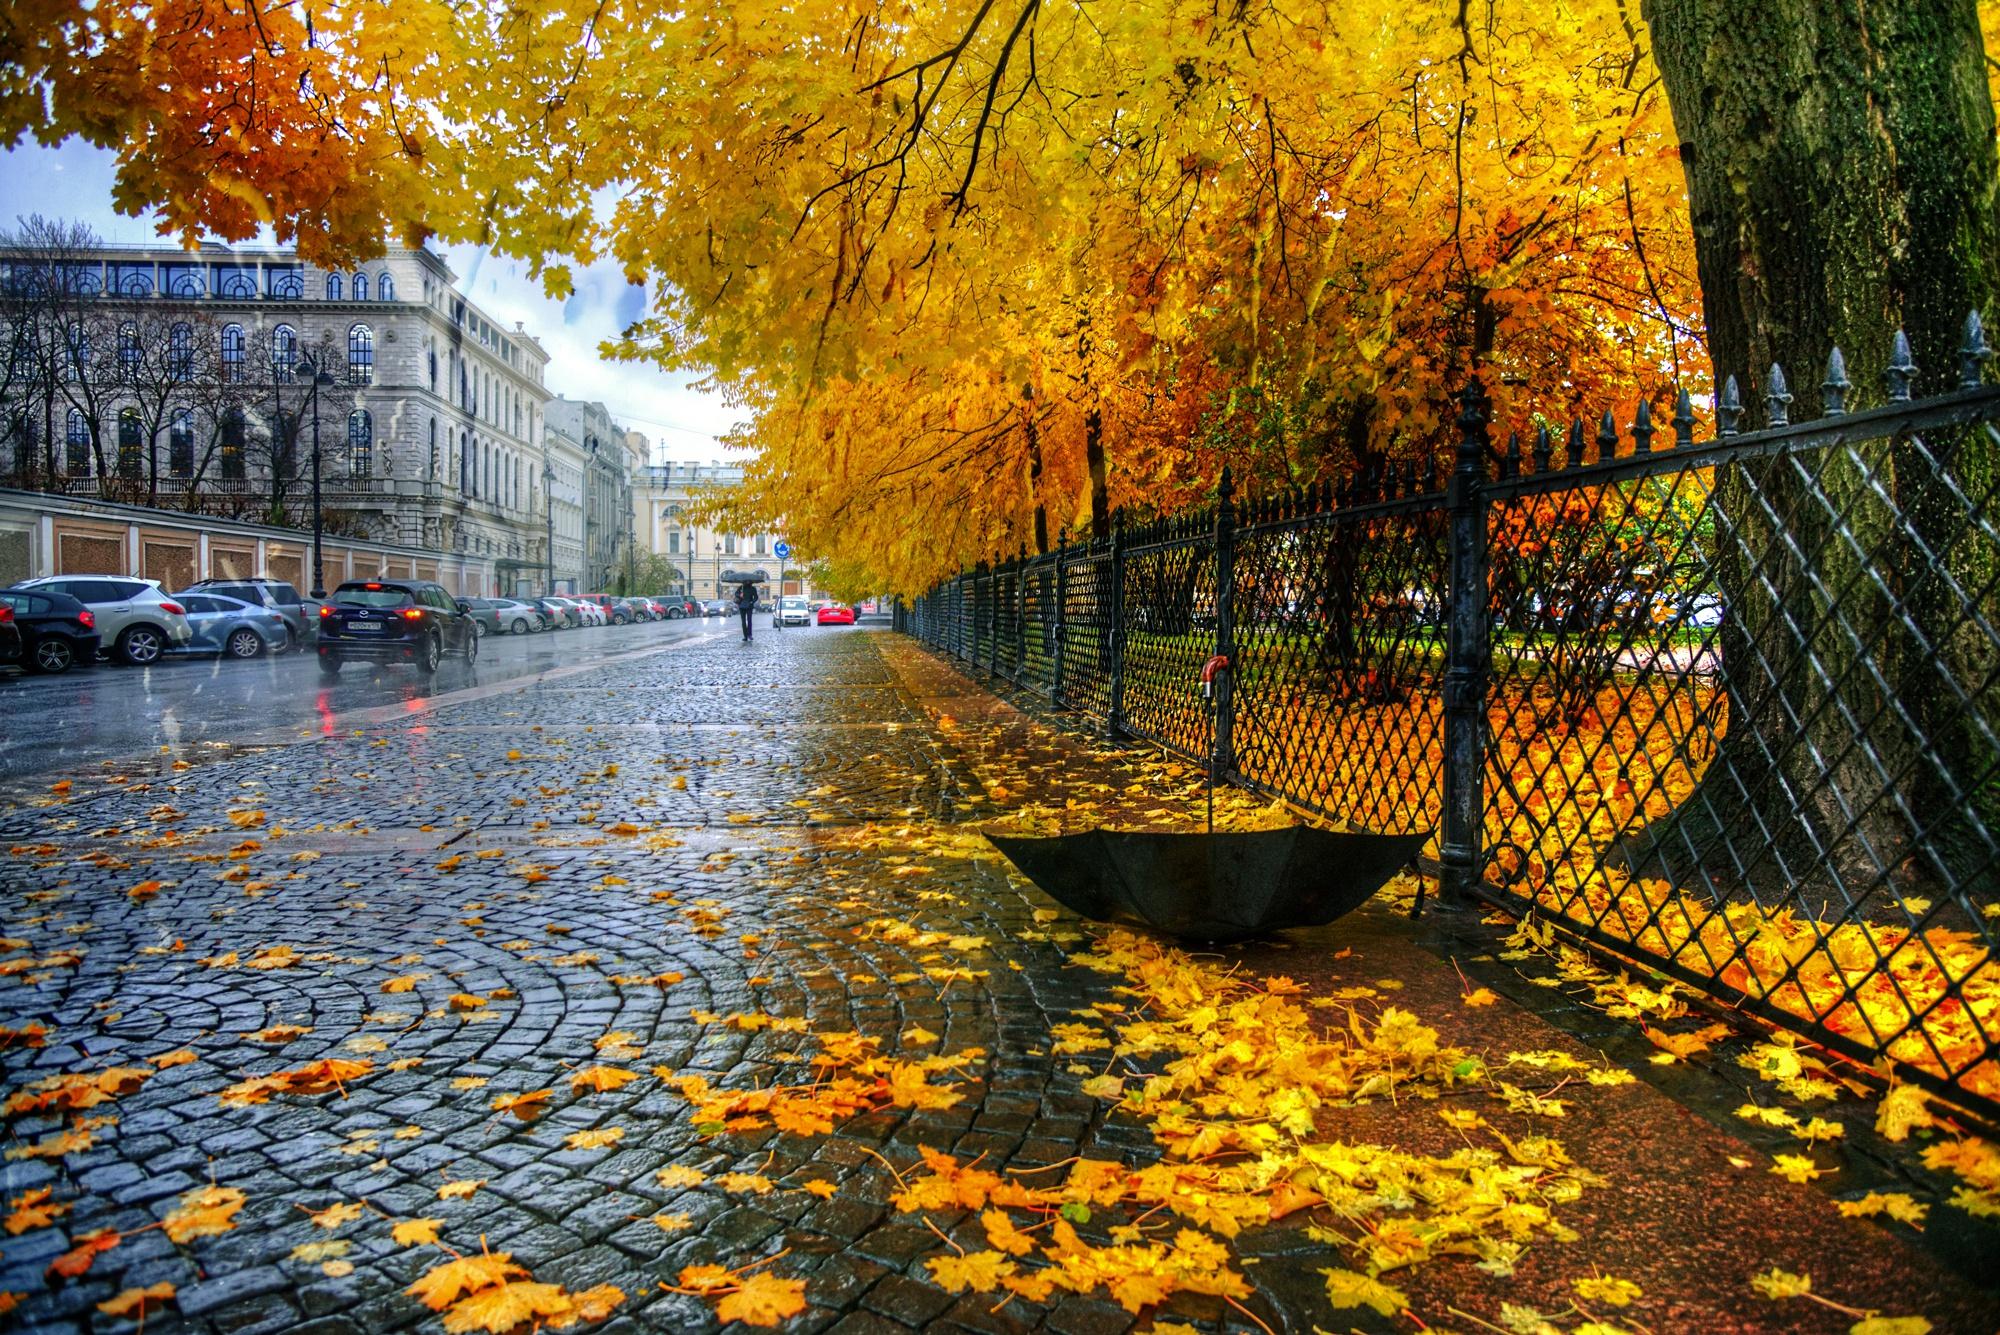 осень в городе в картинках экологически